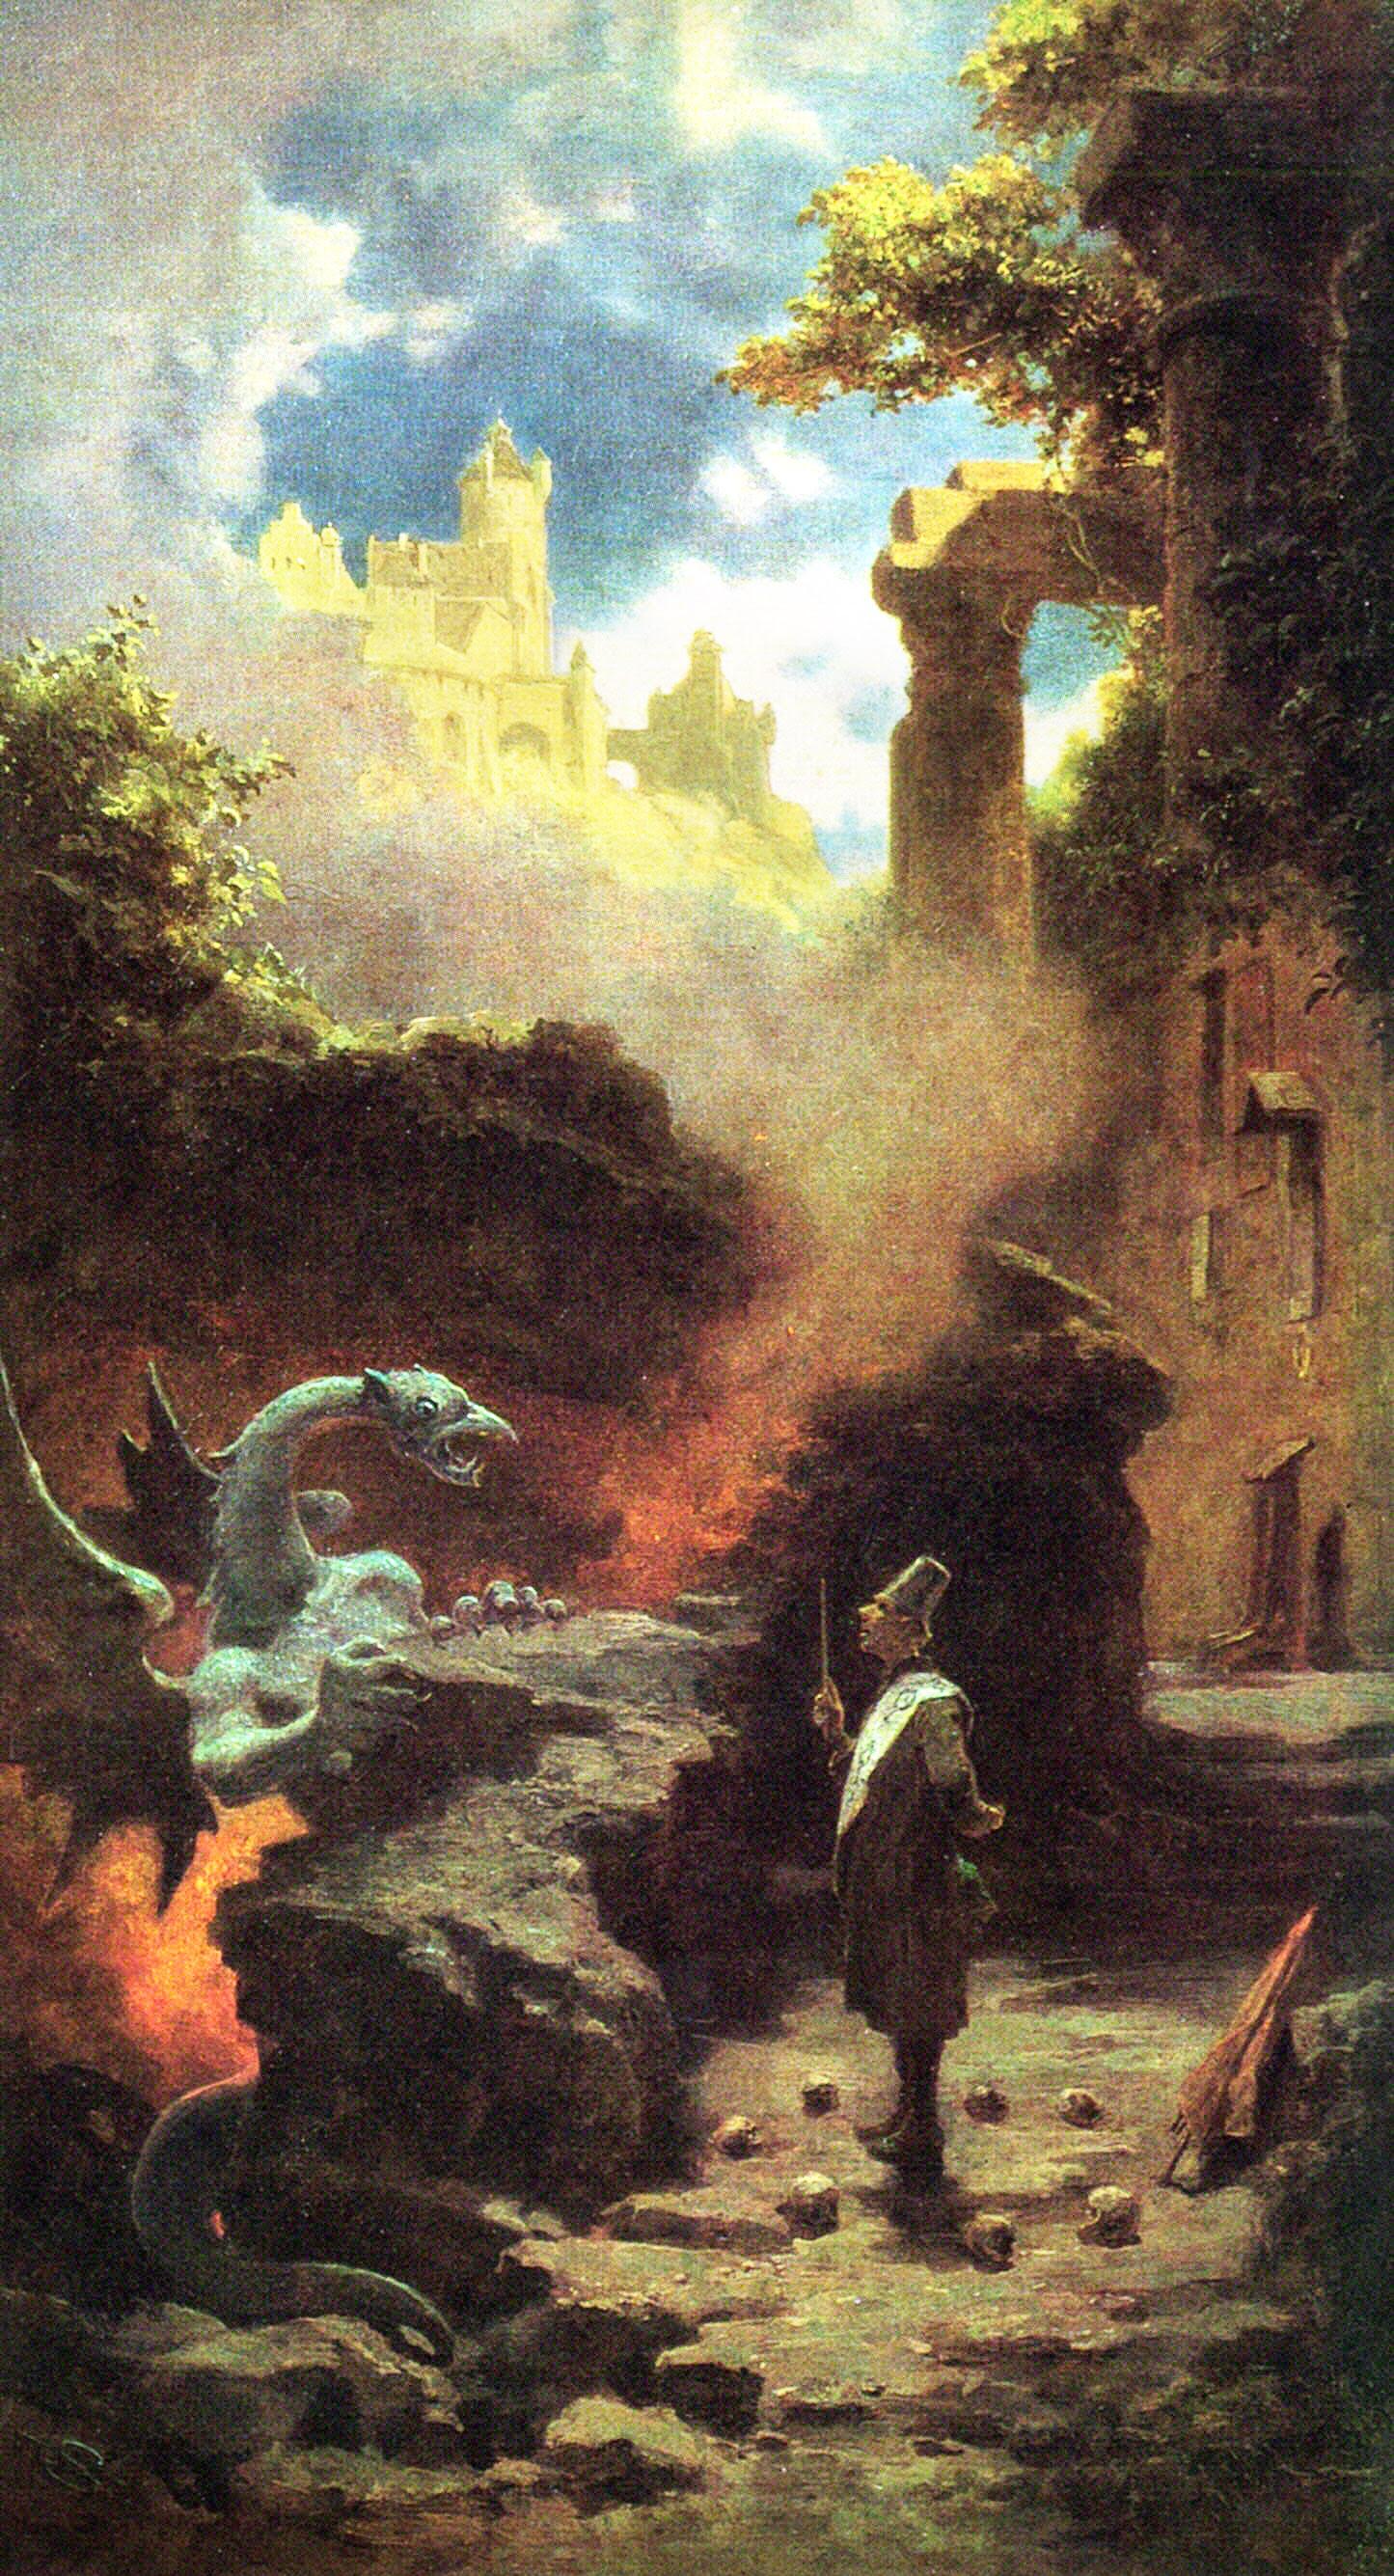 Carl Muenchen Spitzweg -  The Wizard